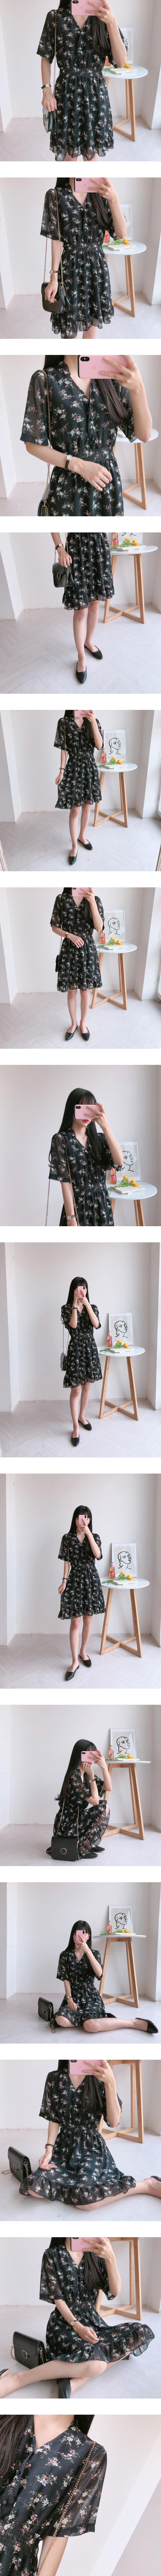 Azalea chiffon dress